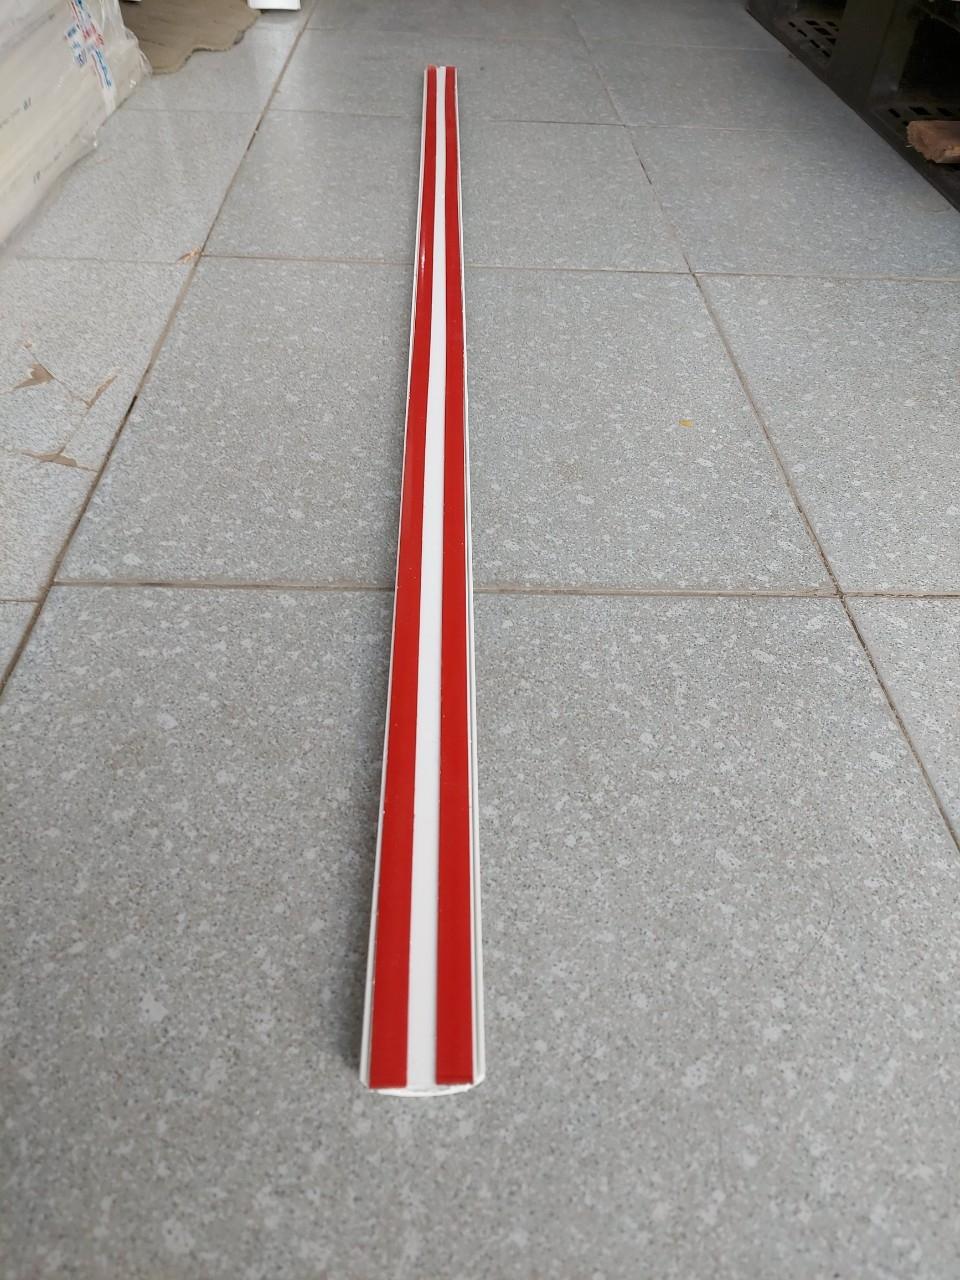 Ghen bán nguyệt, nẹp sàn bán nguyệt D40 40x16 TIẾN PHÁT